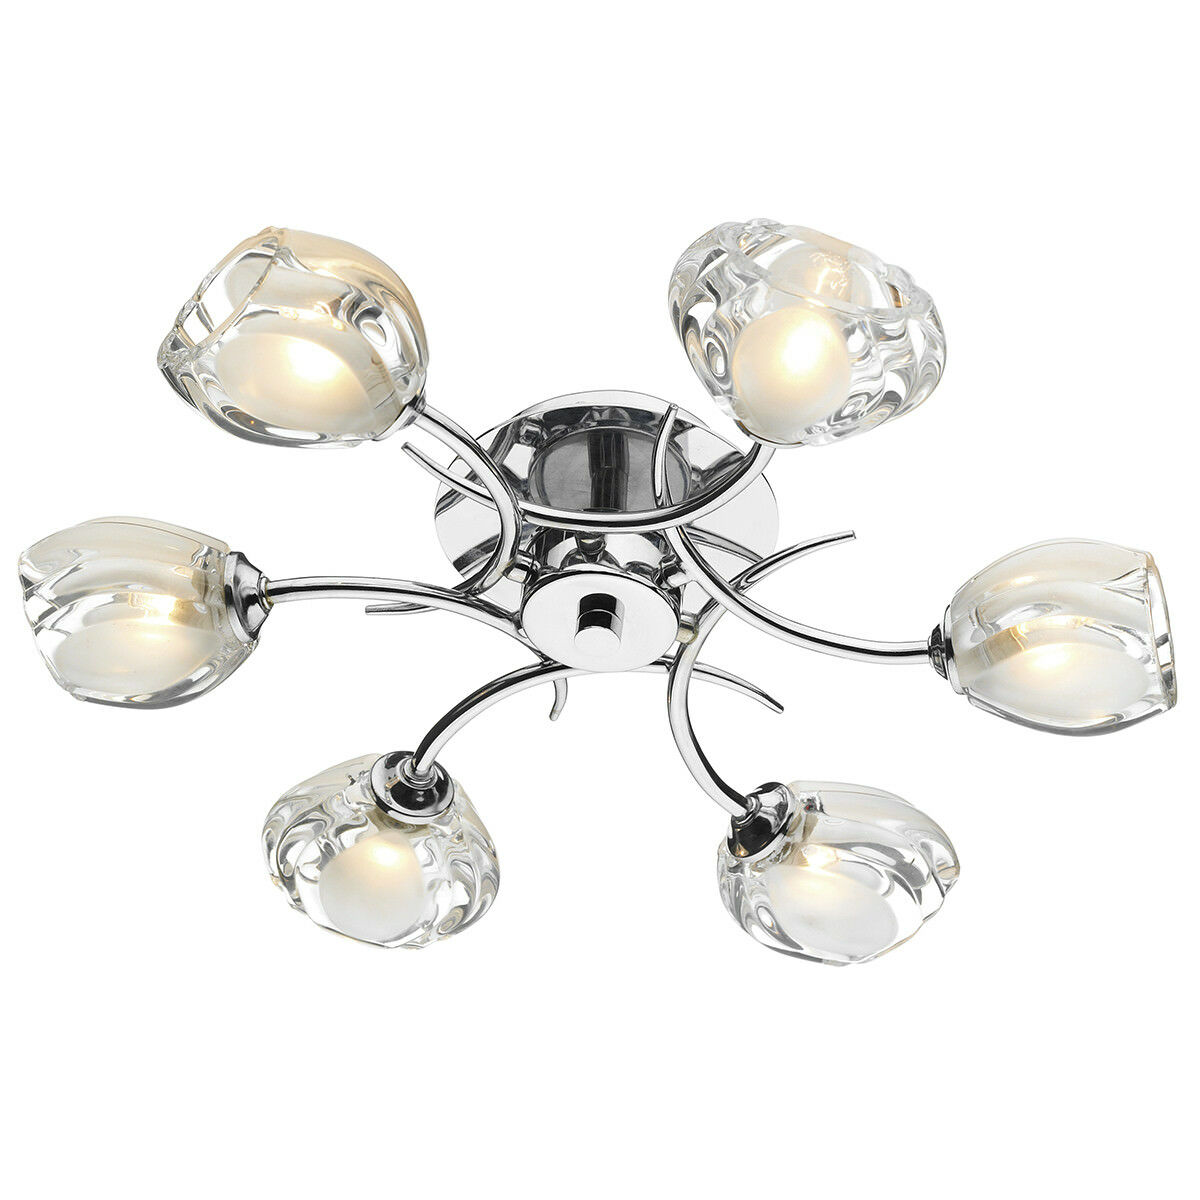 Dar Zagreb ZAG0650 Polished Chrome Ceiling Light Sale Offer